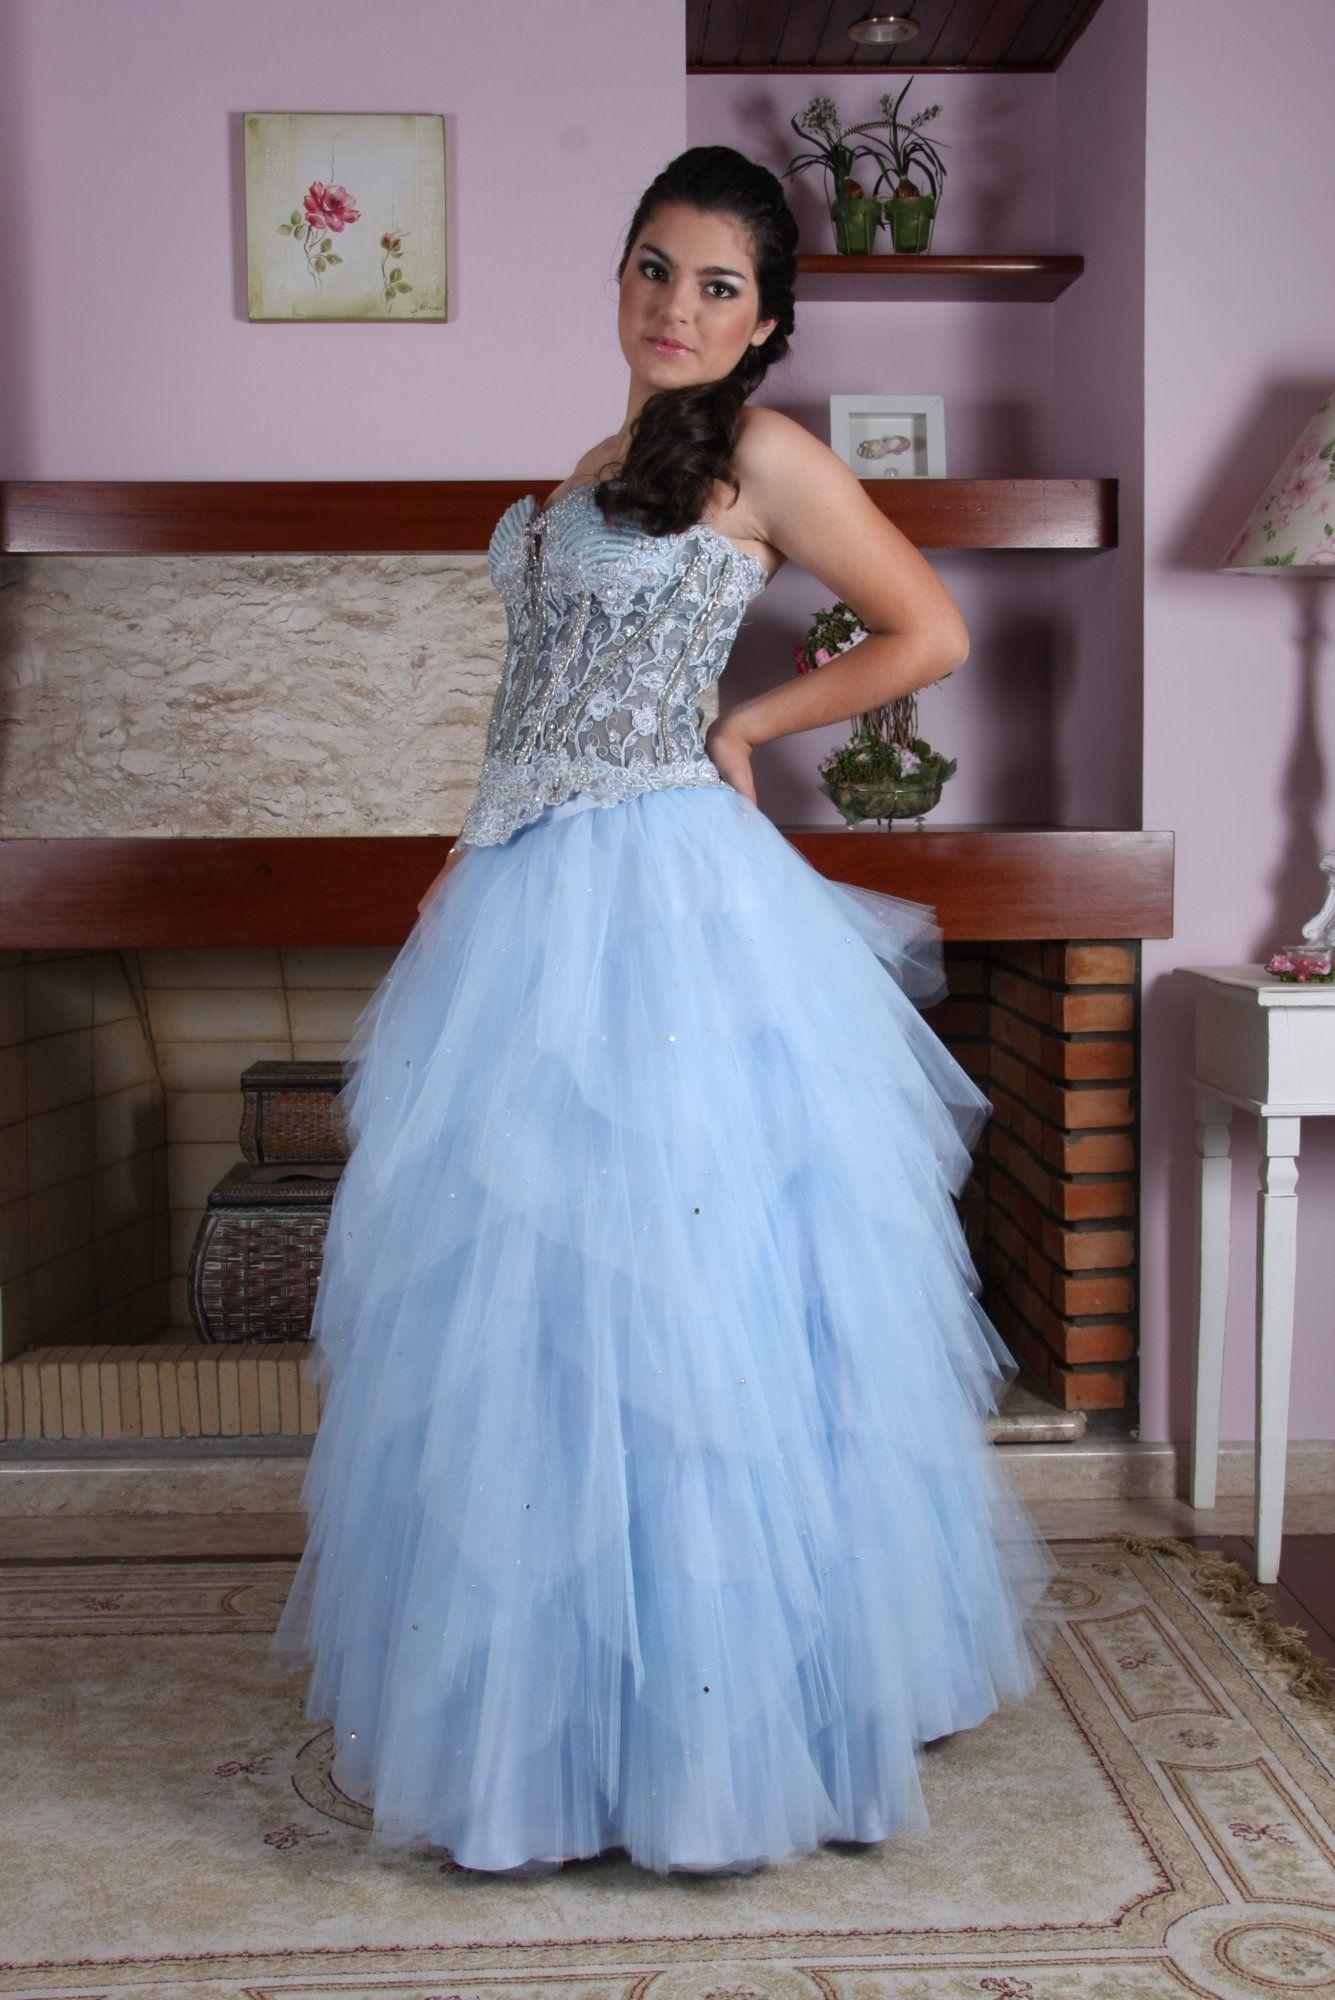 Vestido de Debutante Azul - 17 - Hipnose Alta Costura e Spa para Noivas e Noivos - Campinas - SP Vestido de Debutante, Vestido de Debutante Azul, Hipnose Alta Costura